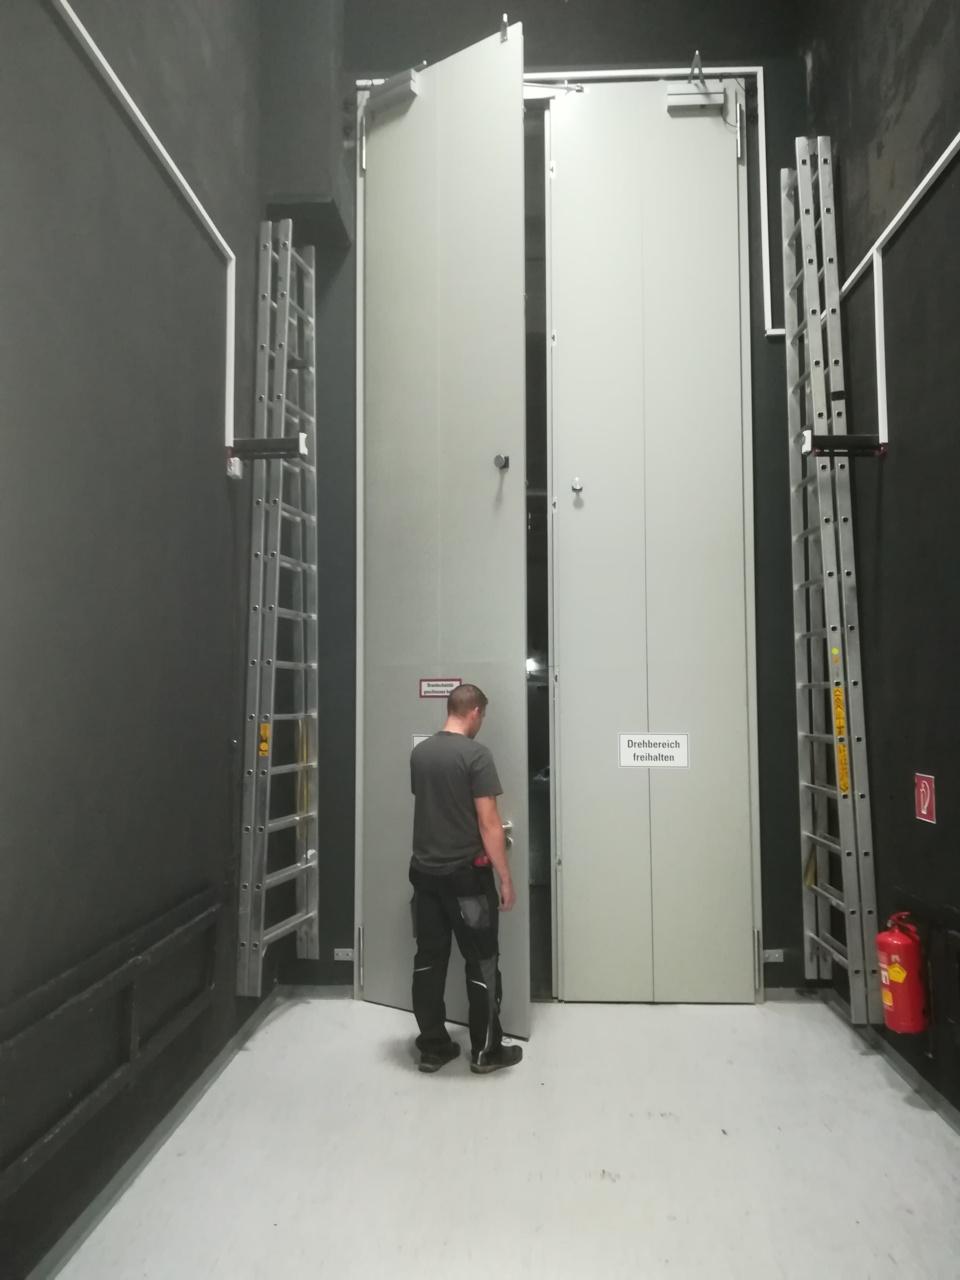 Sonderkonstruktion 2 flügeliges-Drehtor, Ausführung Brandschutz in EI230 C  Schließvorrichtung: Türschließer mit Freilauffunktion, Maß 1200 x 5800mm, Gewicht je Flügel ca. 600 kg